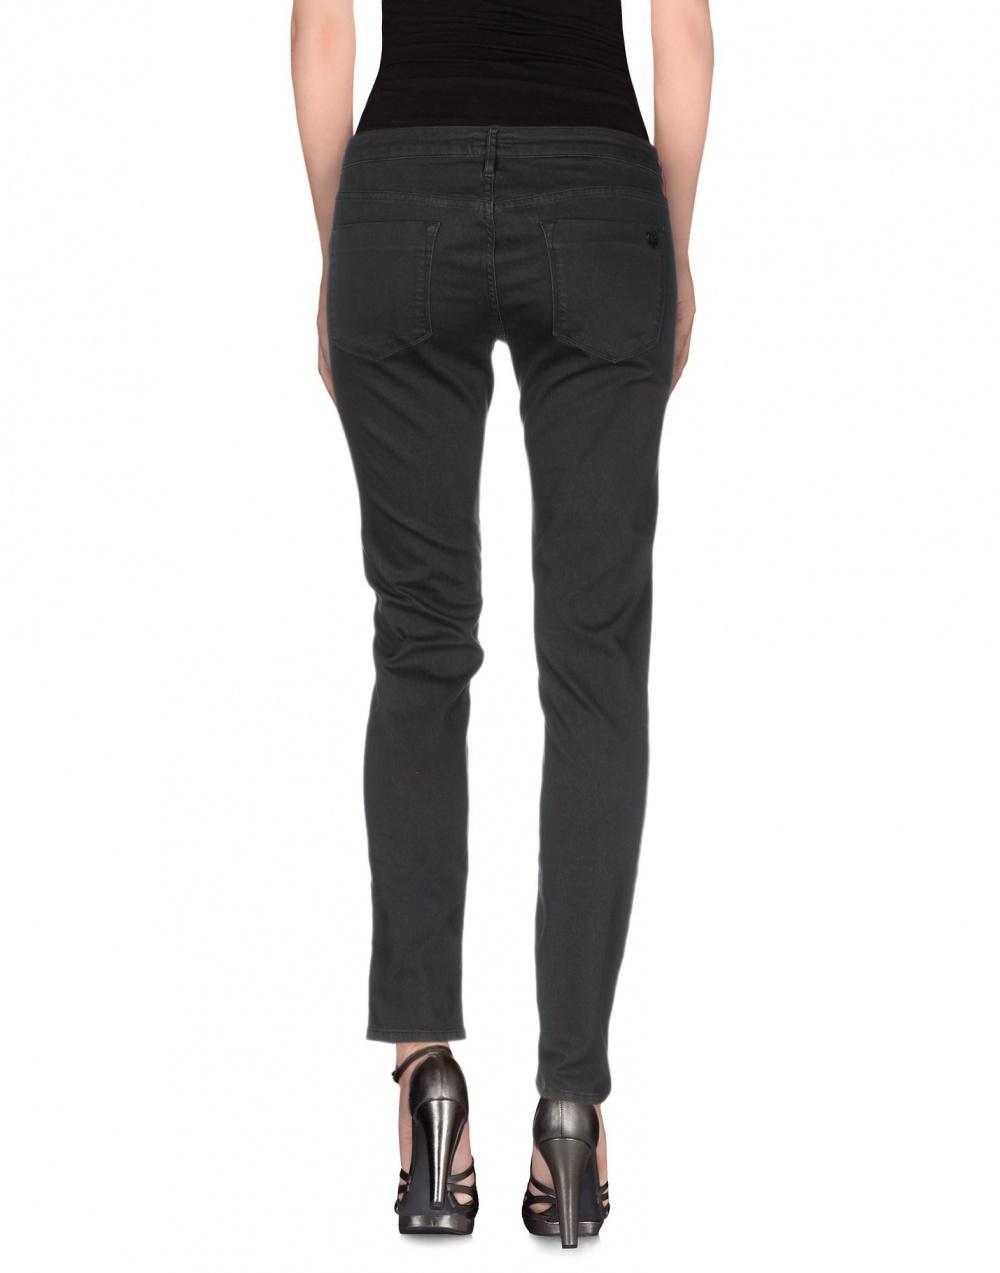 Новые джинсовые брюки Fred Perry, 29 размер